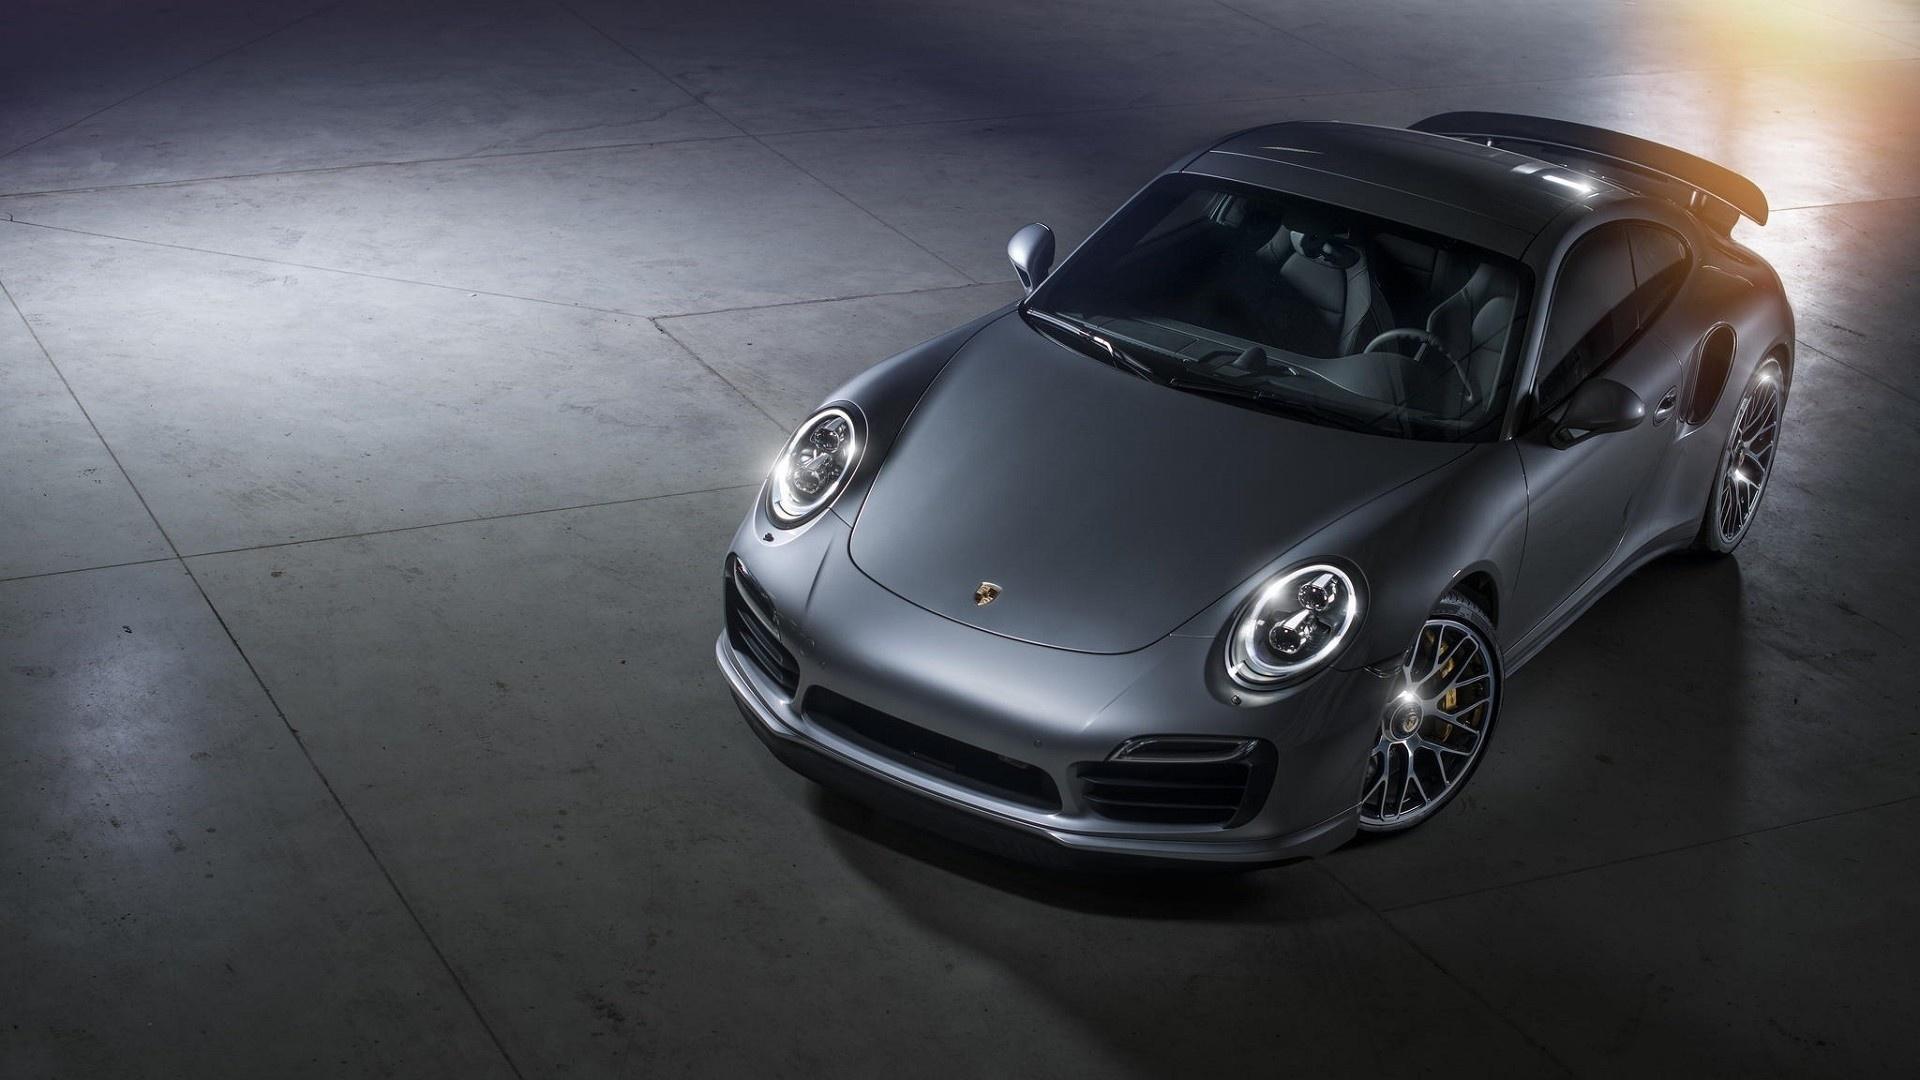 Porsche 1080p wallpaper